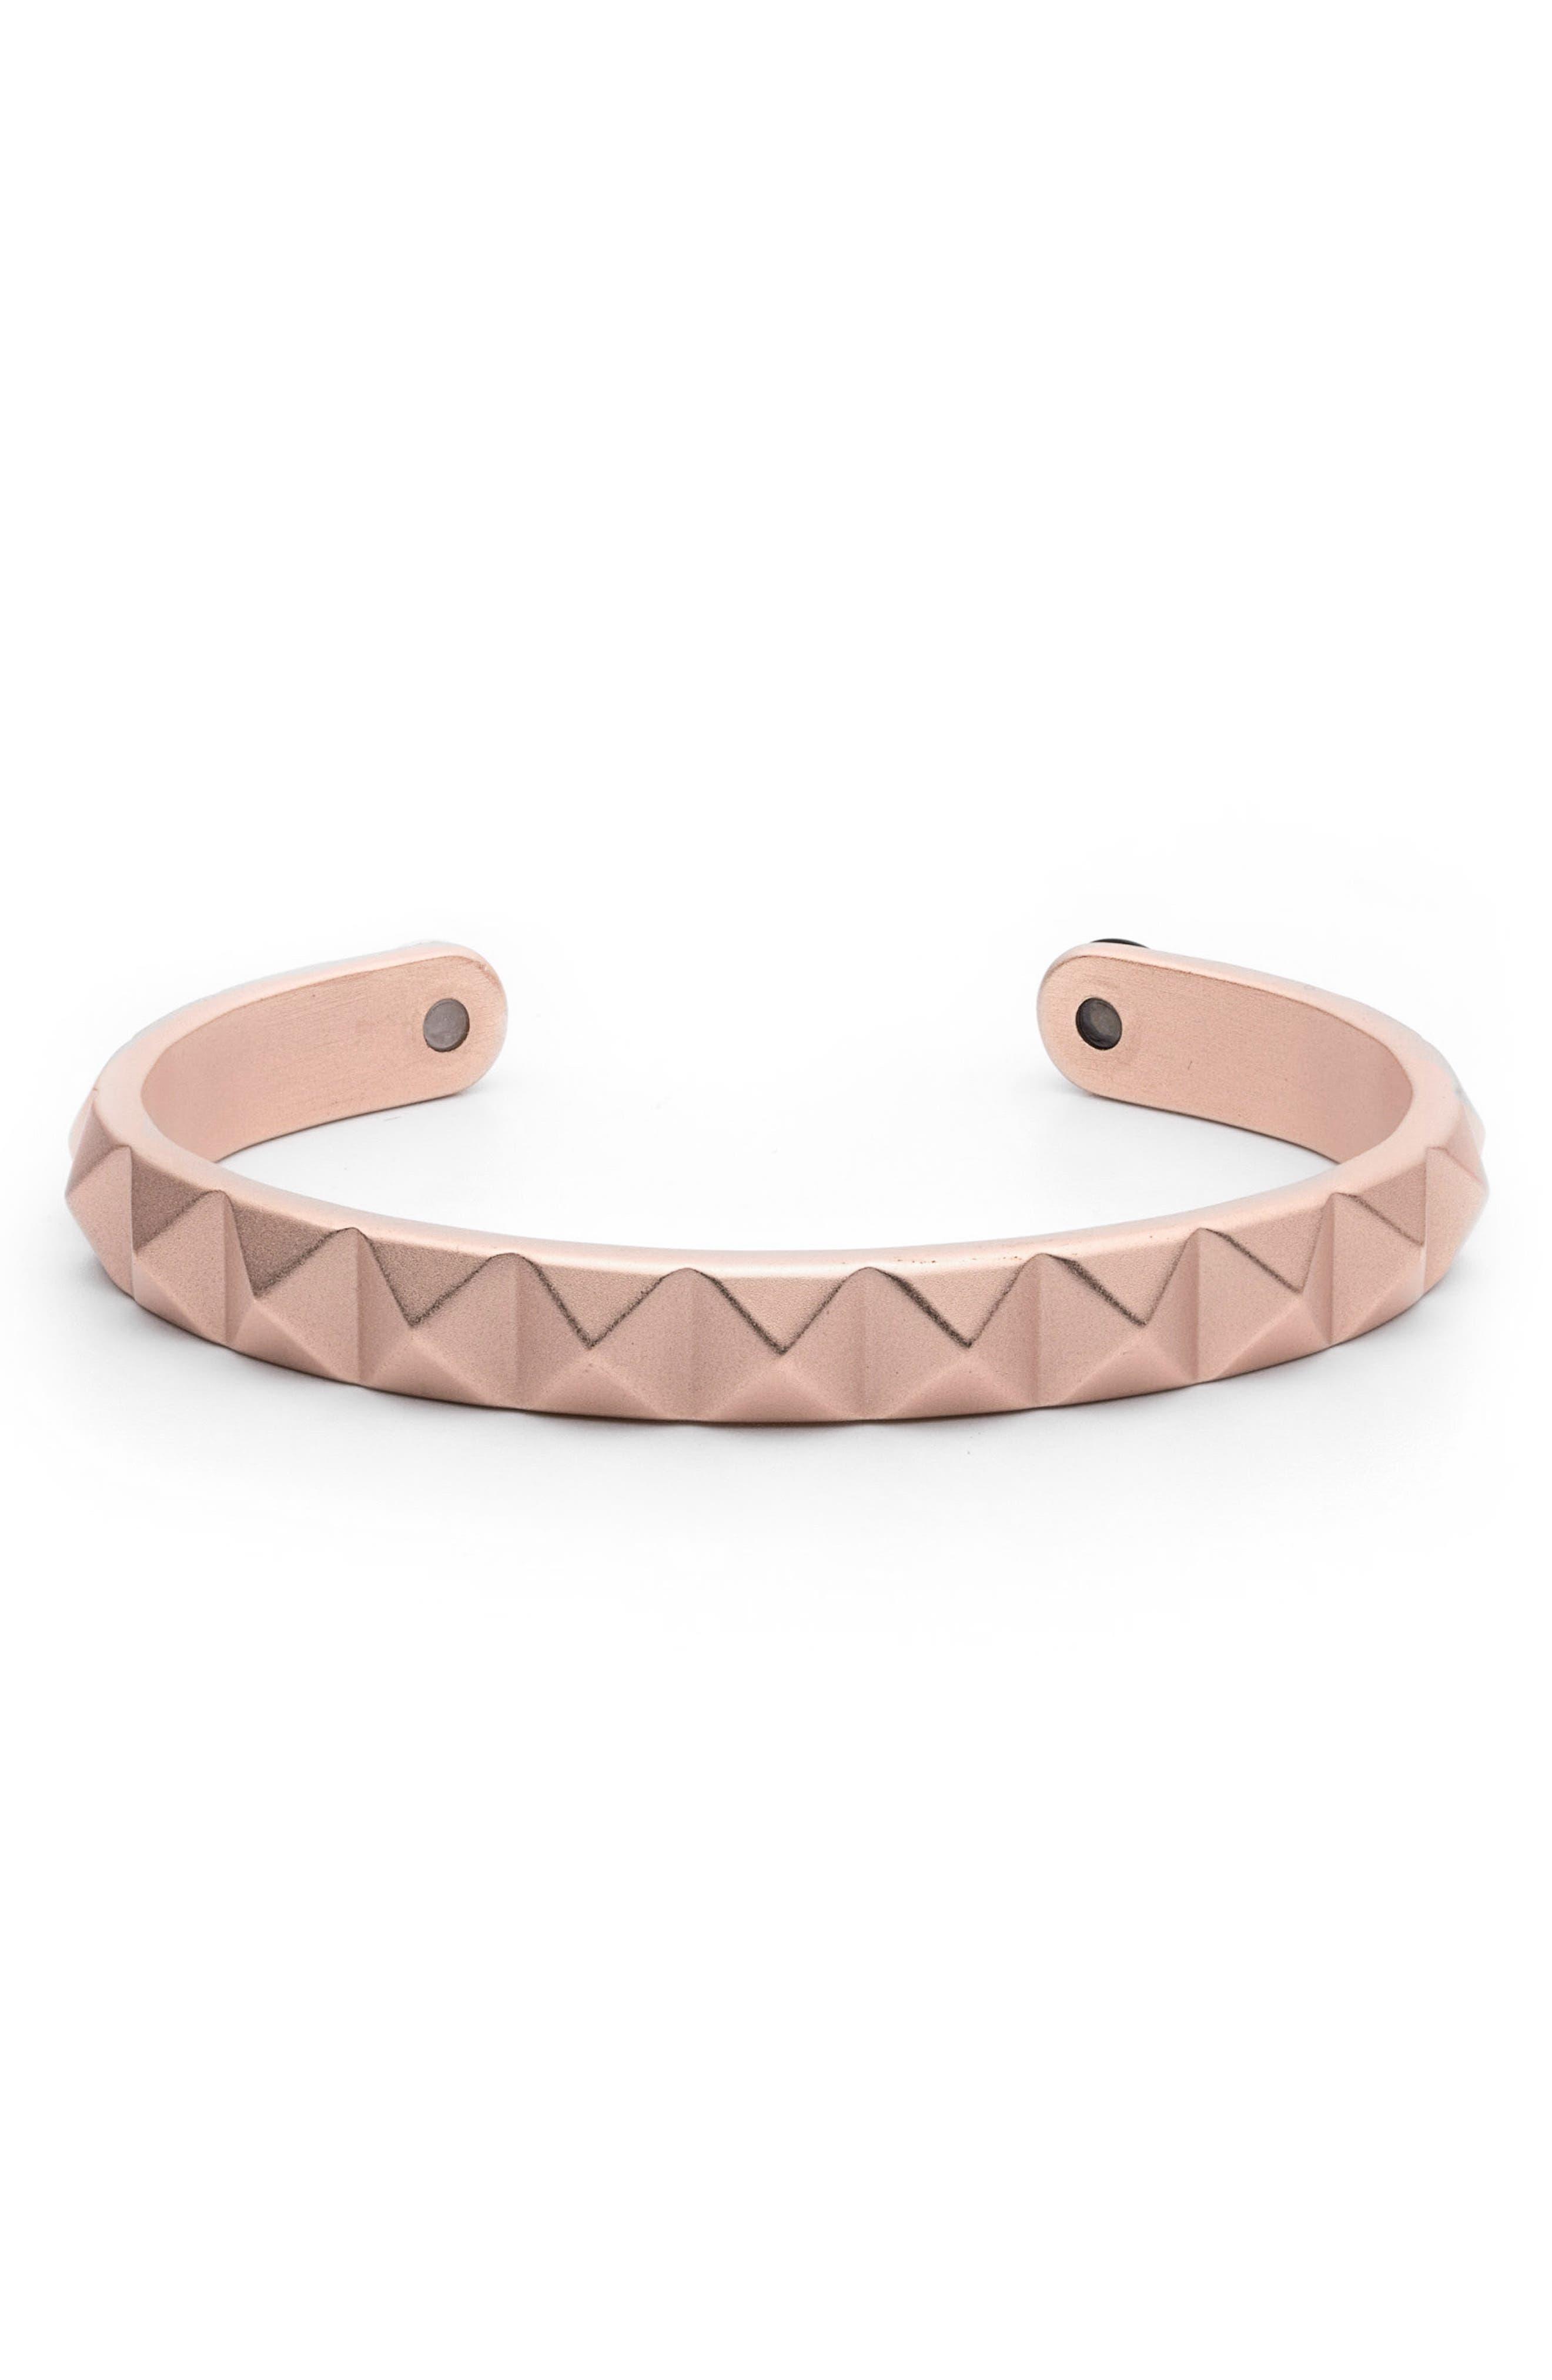 Cuff Bracelet,                             Main thumbnail 3, color,